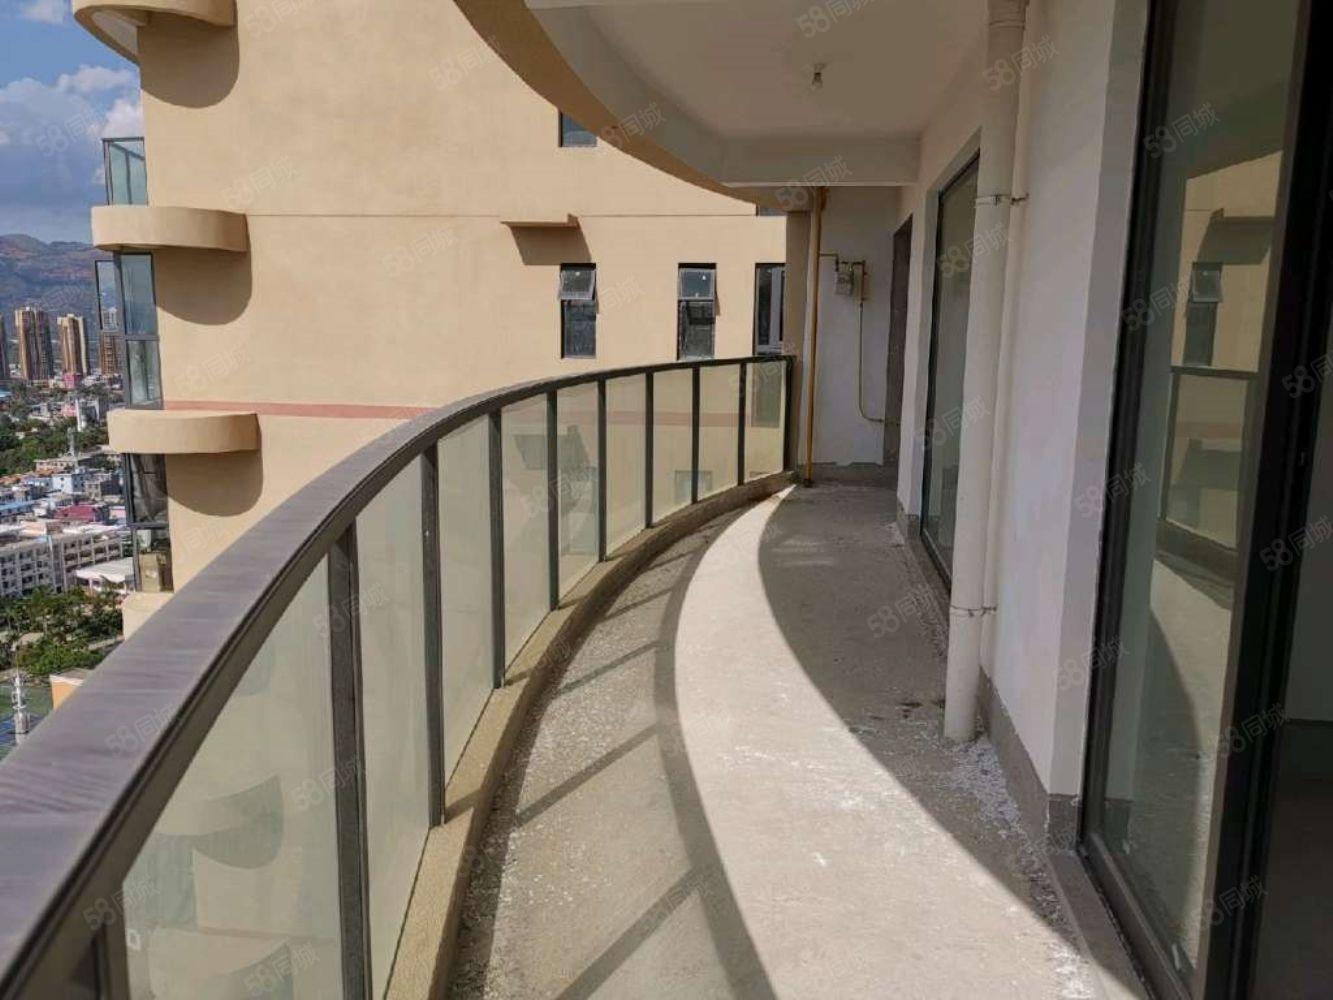 銘誠瀾岸28樓3室143平米急售